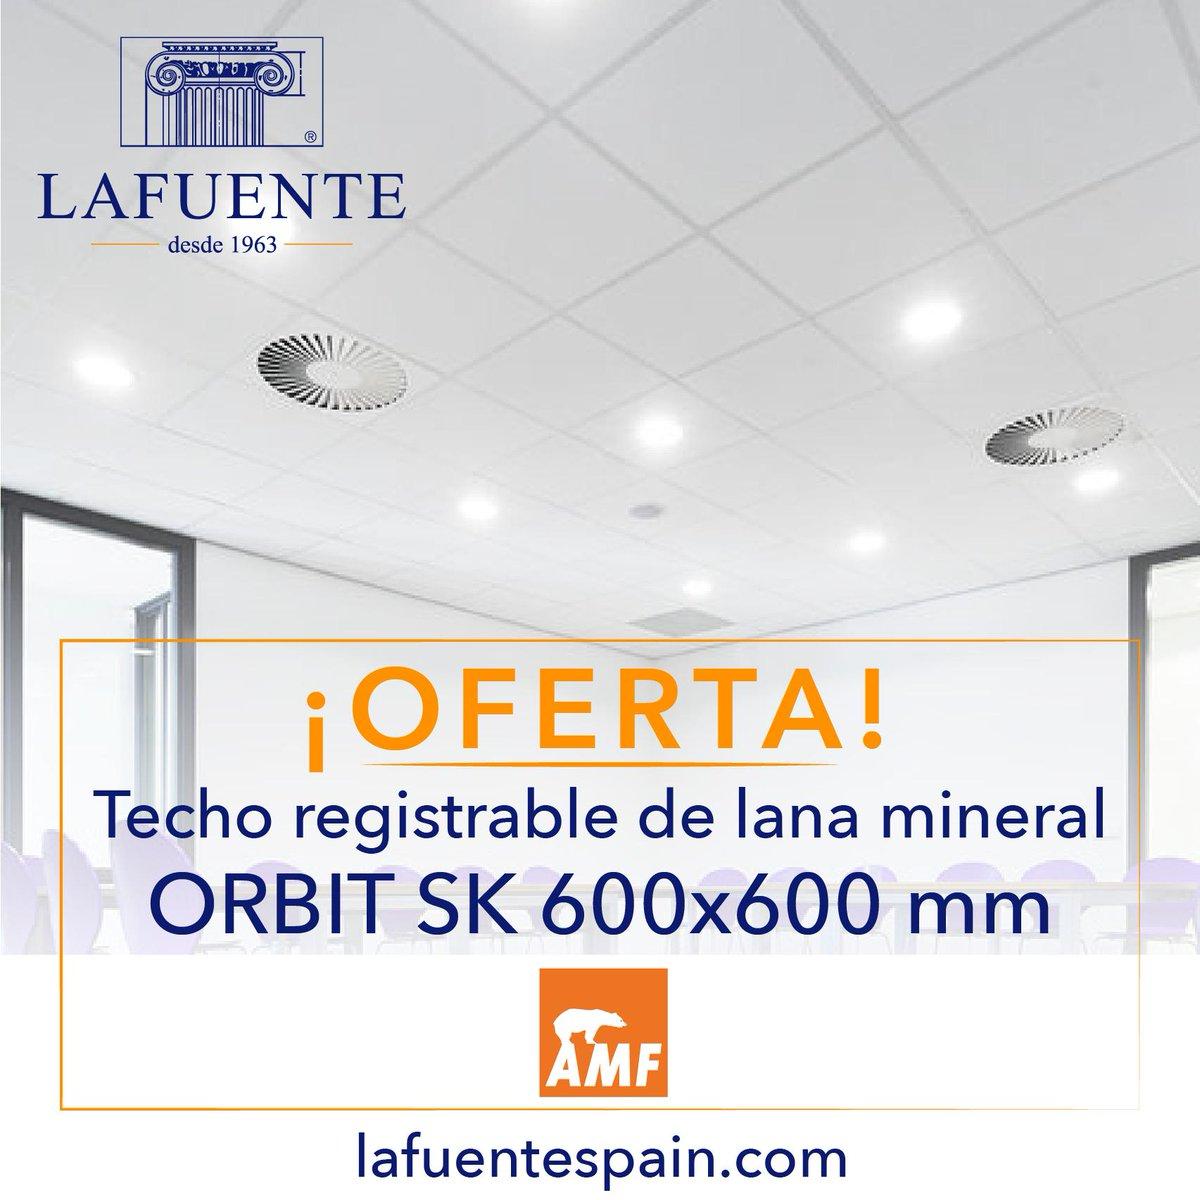 ¿Necesitas un techo registrable? ¡Aprovecha nuestra OFERTA! Techo registrable de lana mineral AMF ORBIT SK 600x600 mm. Puedes ver la oferta en nuestra web https://bit.ly/2InixUc Si necesitas más información llámanos al 91 341 07 50. #Oferta #Promoción #AMF #Orbit #Techo #Madrid